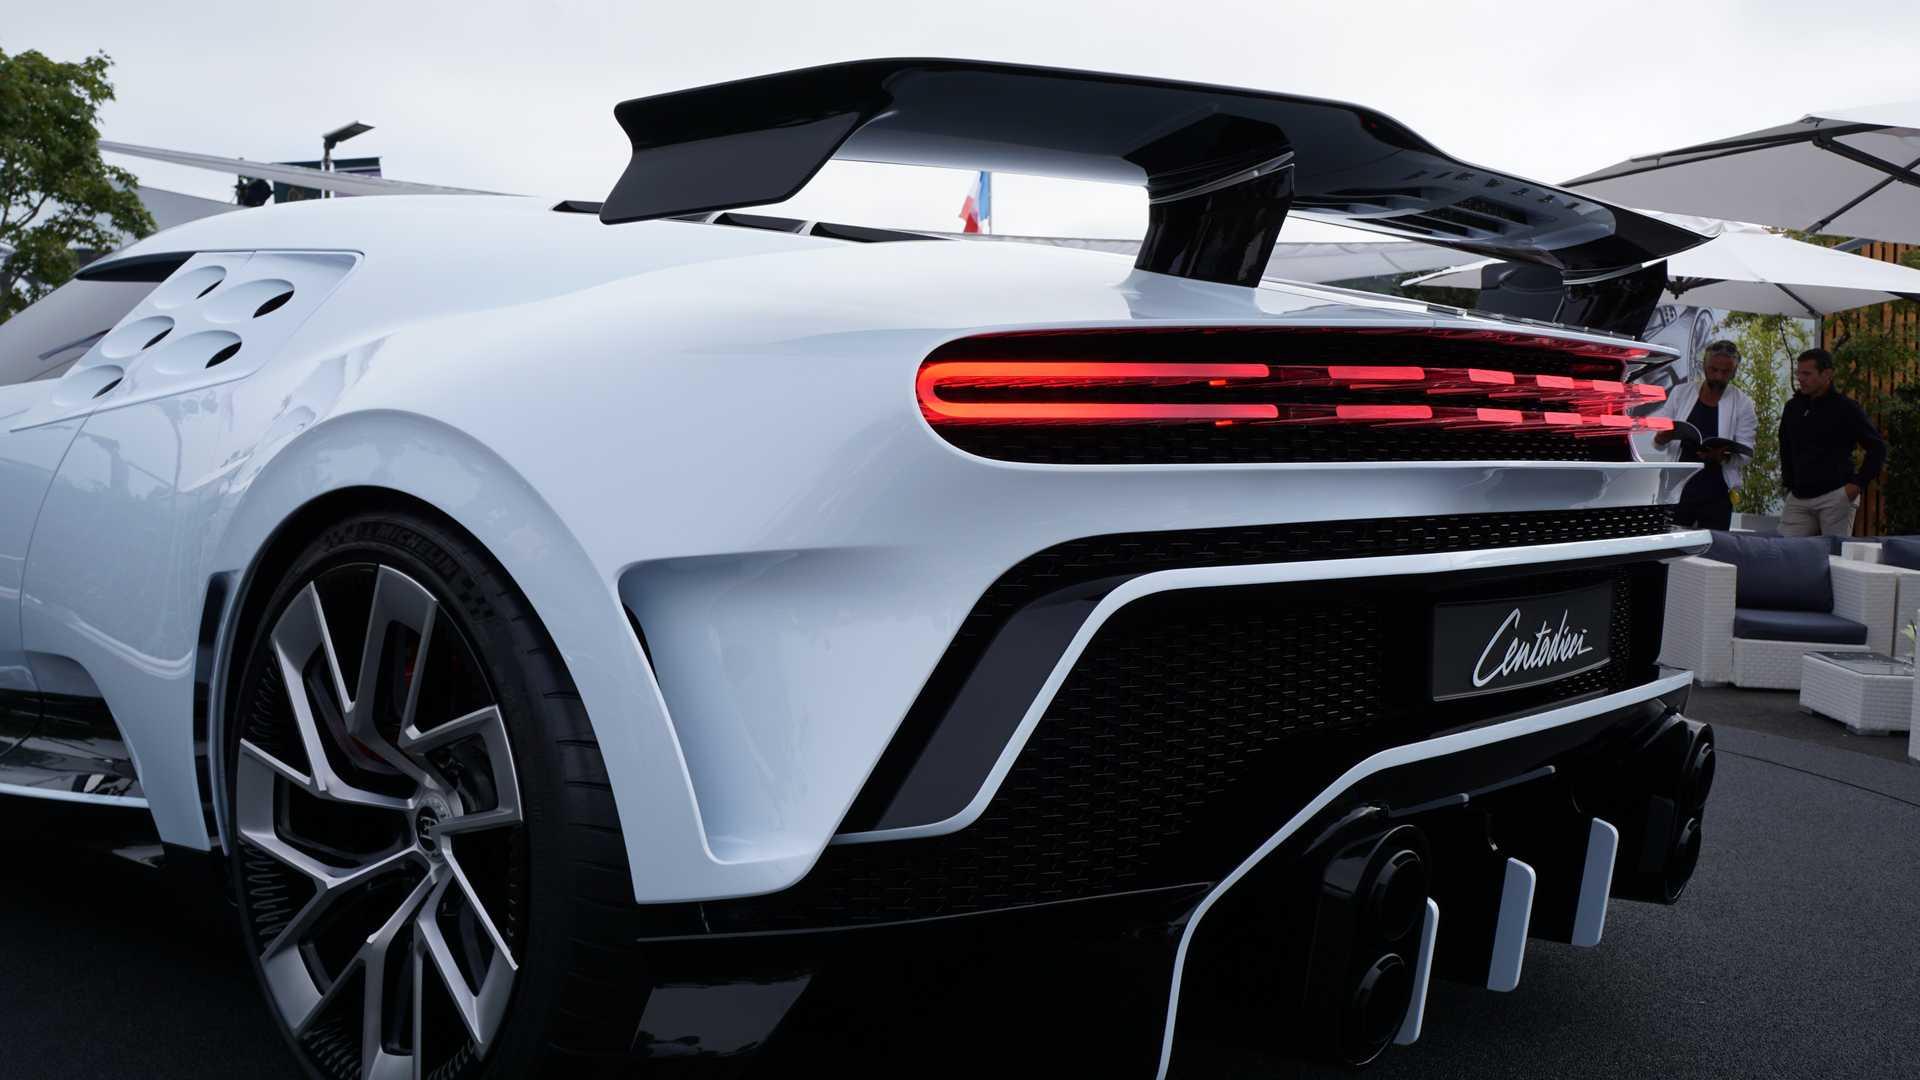 Bugatti Centodieci – siêu xe 9 triệu đô cháy hàng ngay khi ra mắt 02